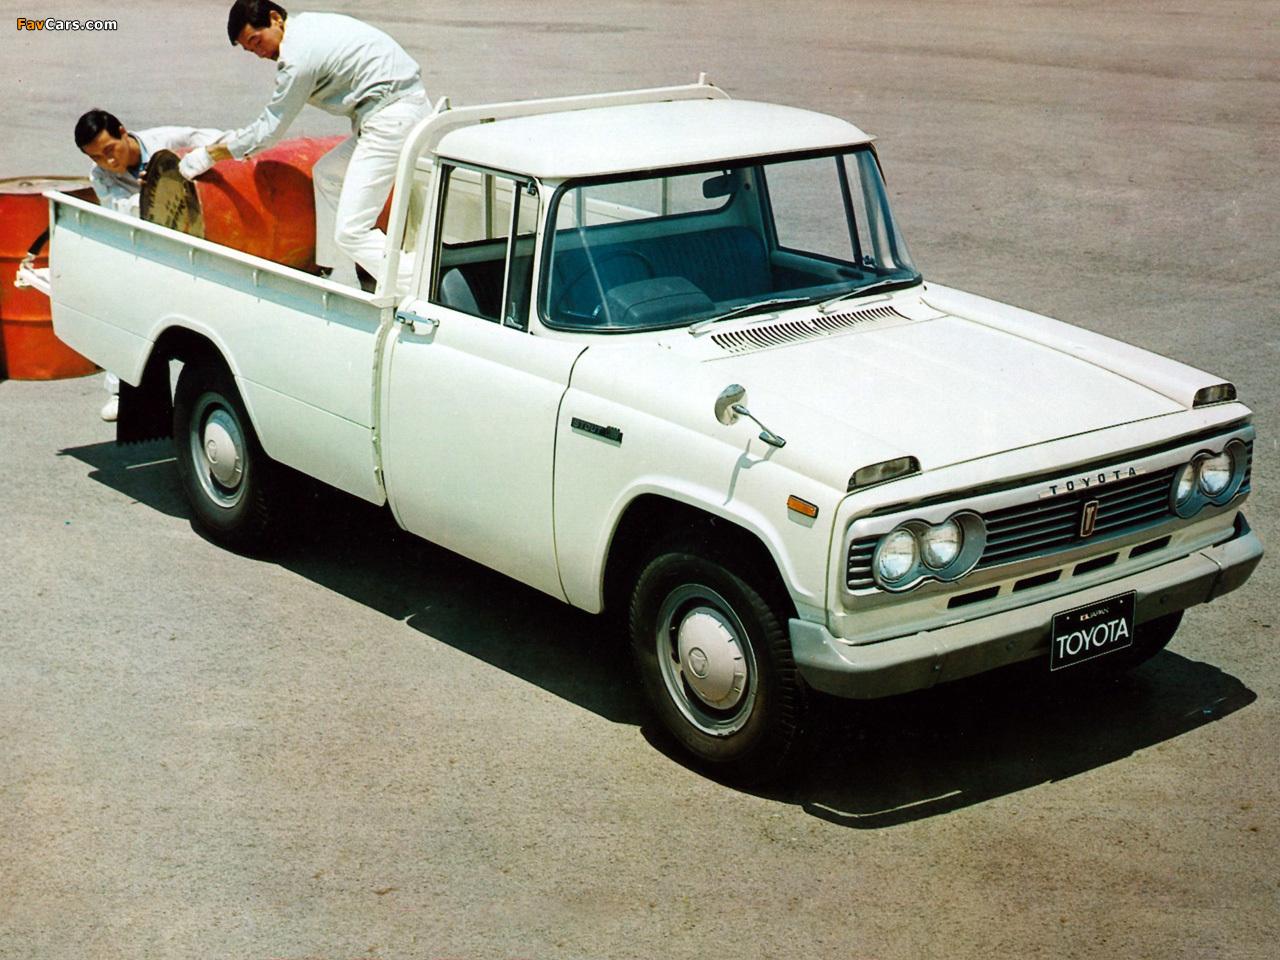 Toyota Stout Jp Spec Rk110 1979 86 Images 1280x960